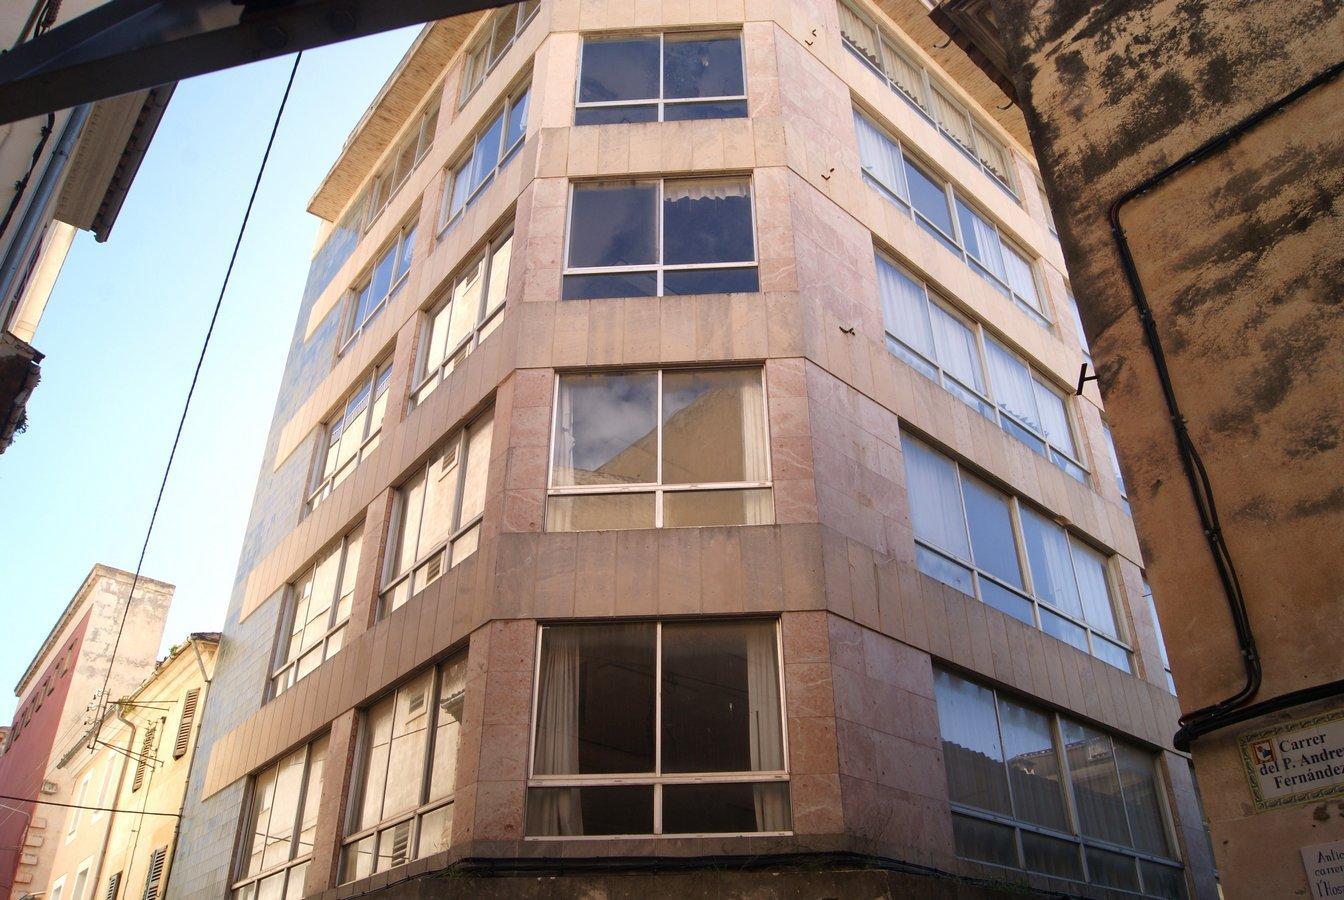 Building  Carrer d'es pou fondo, 23. Fantástico edificio de 1.750 m2 compuesto de 6 plantas y sótano